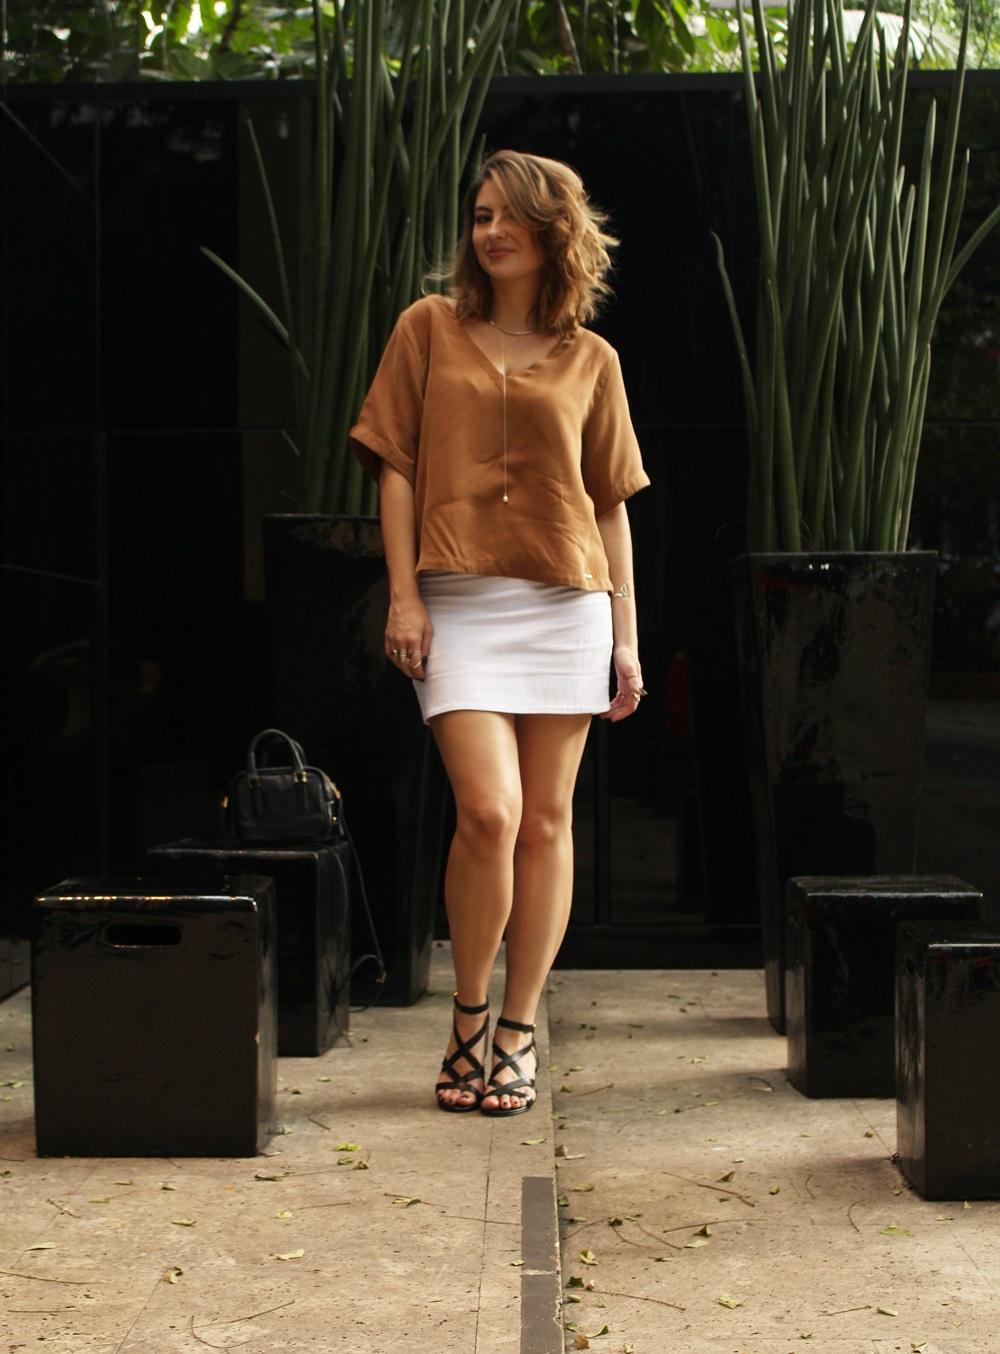 vanduarte-sandalia-salto-bloco-caramelo-blogvanduarte-4